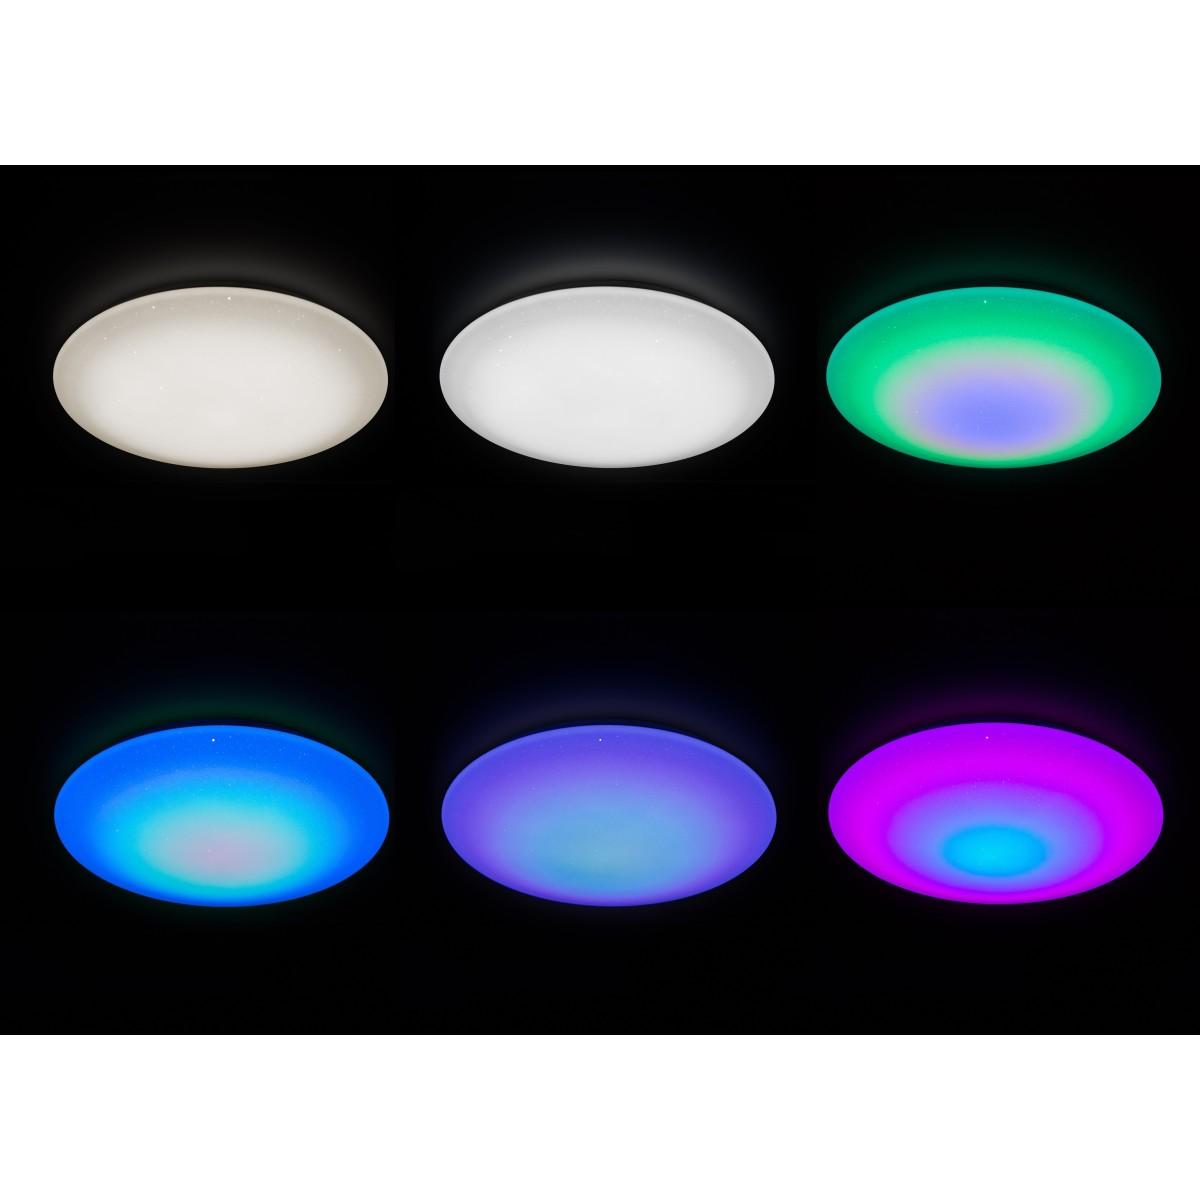 Настенно-потолочный светильник светодиодный Supernova RGB 60 Вт с пультом ДУ регулируемый цвет света RGBW